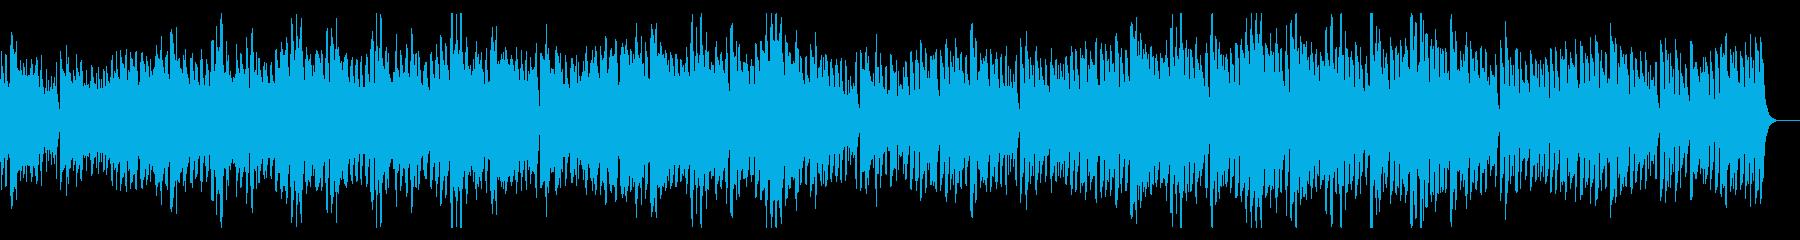 ウクレレと口笛のポジティブでハッピーな曲の再生済みの波形